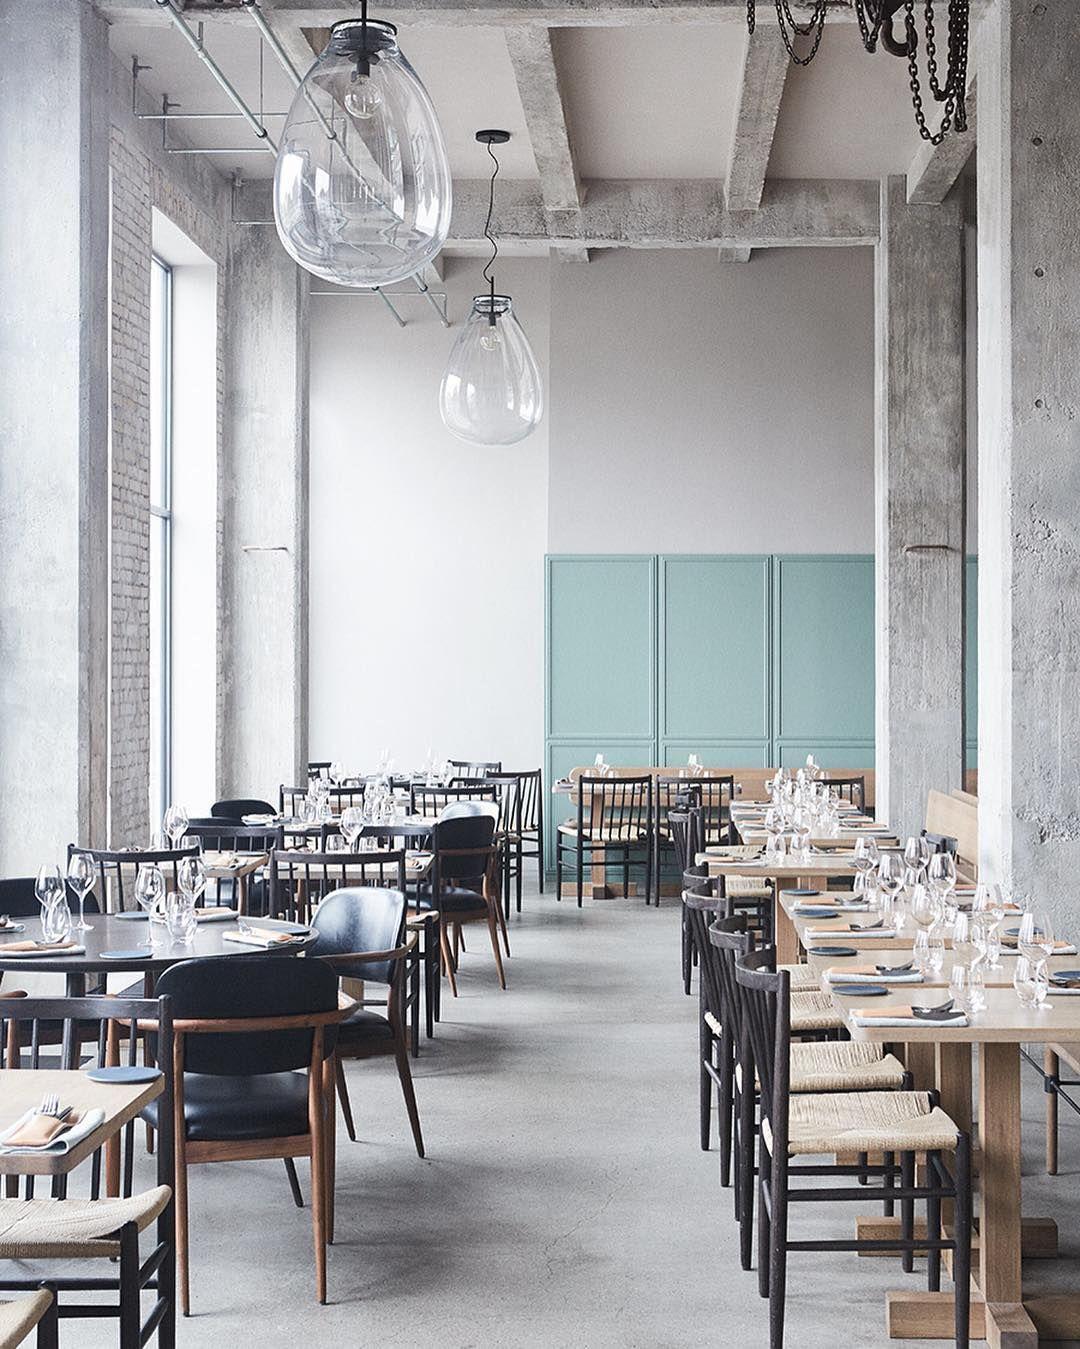 Interiors restaurant 108 space copenhagen